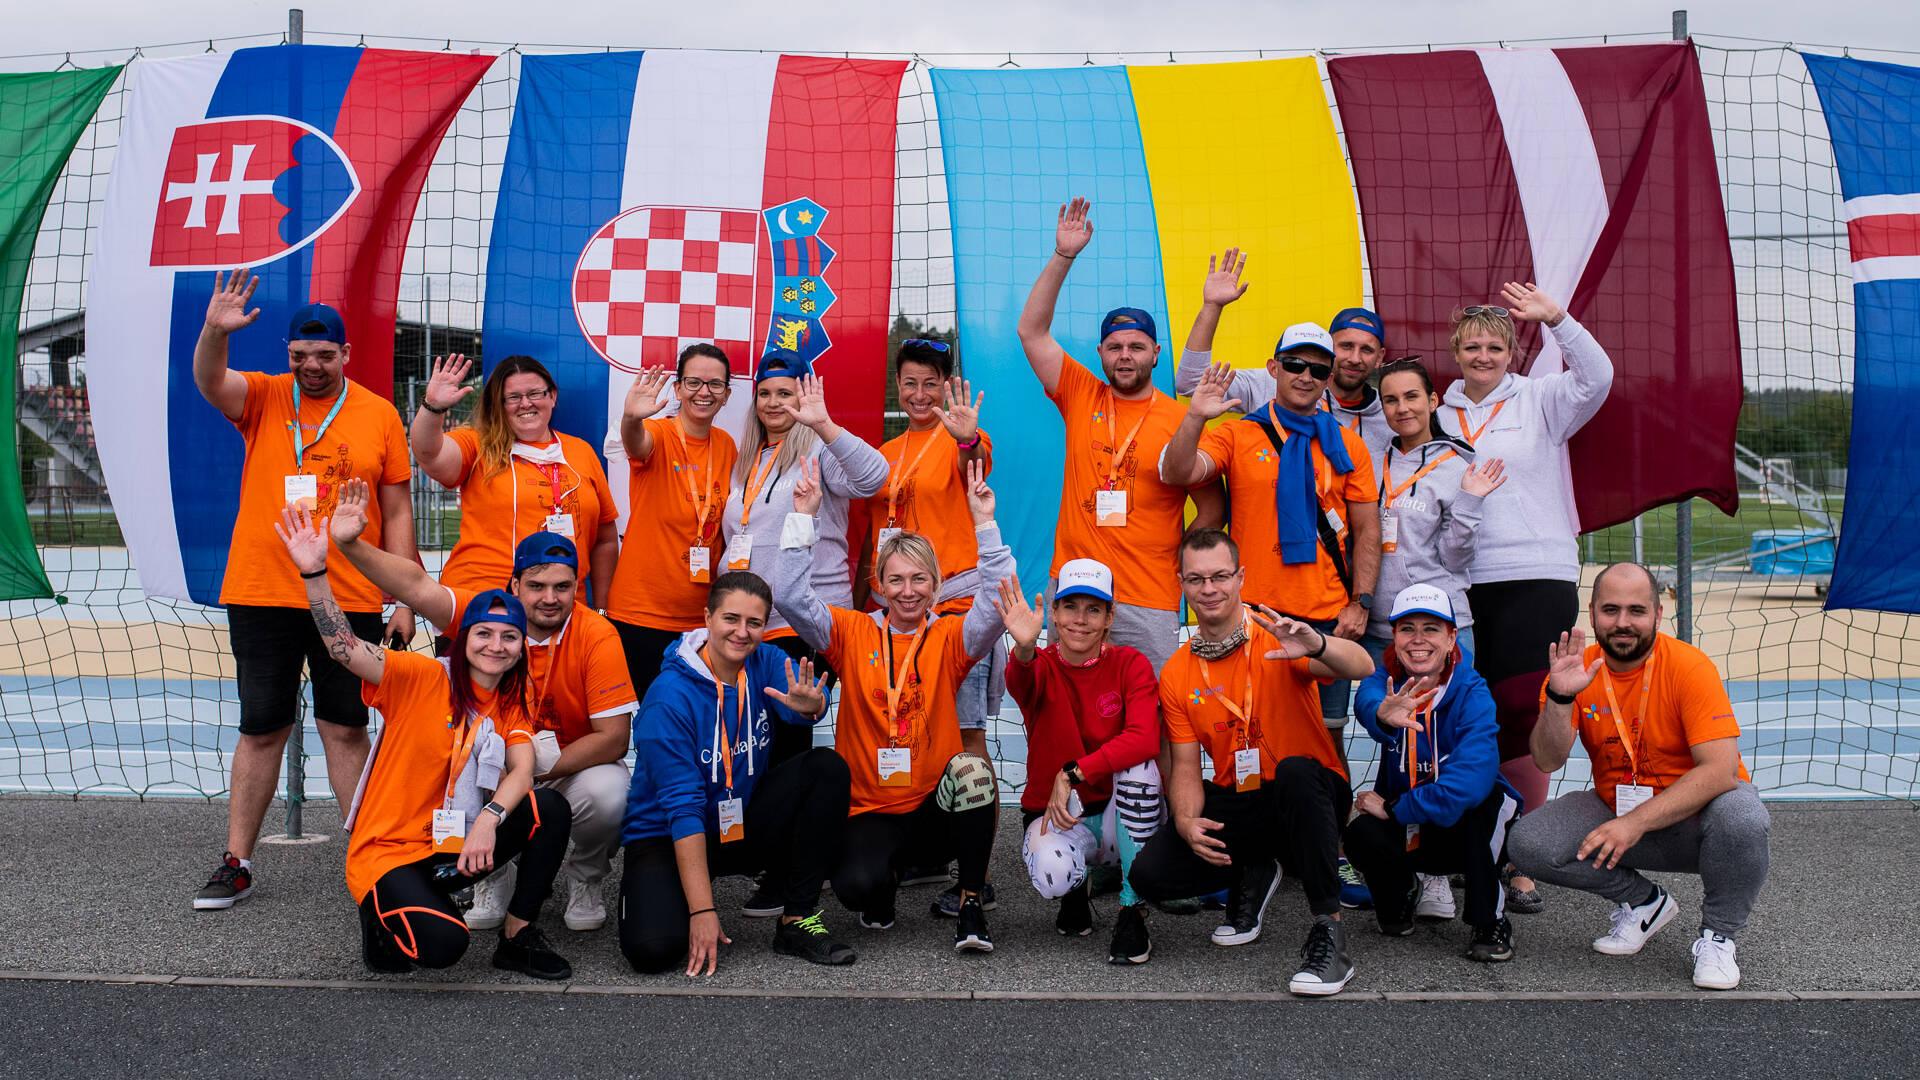 Tým Comdata jako dobrovolníci na akci Emil Open